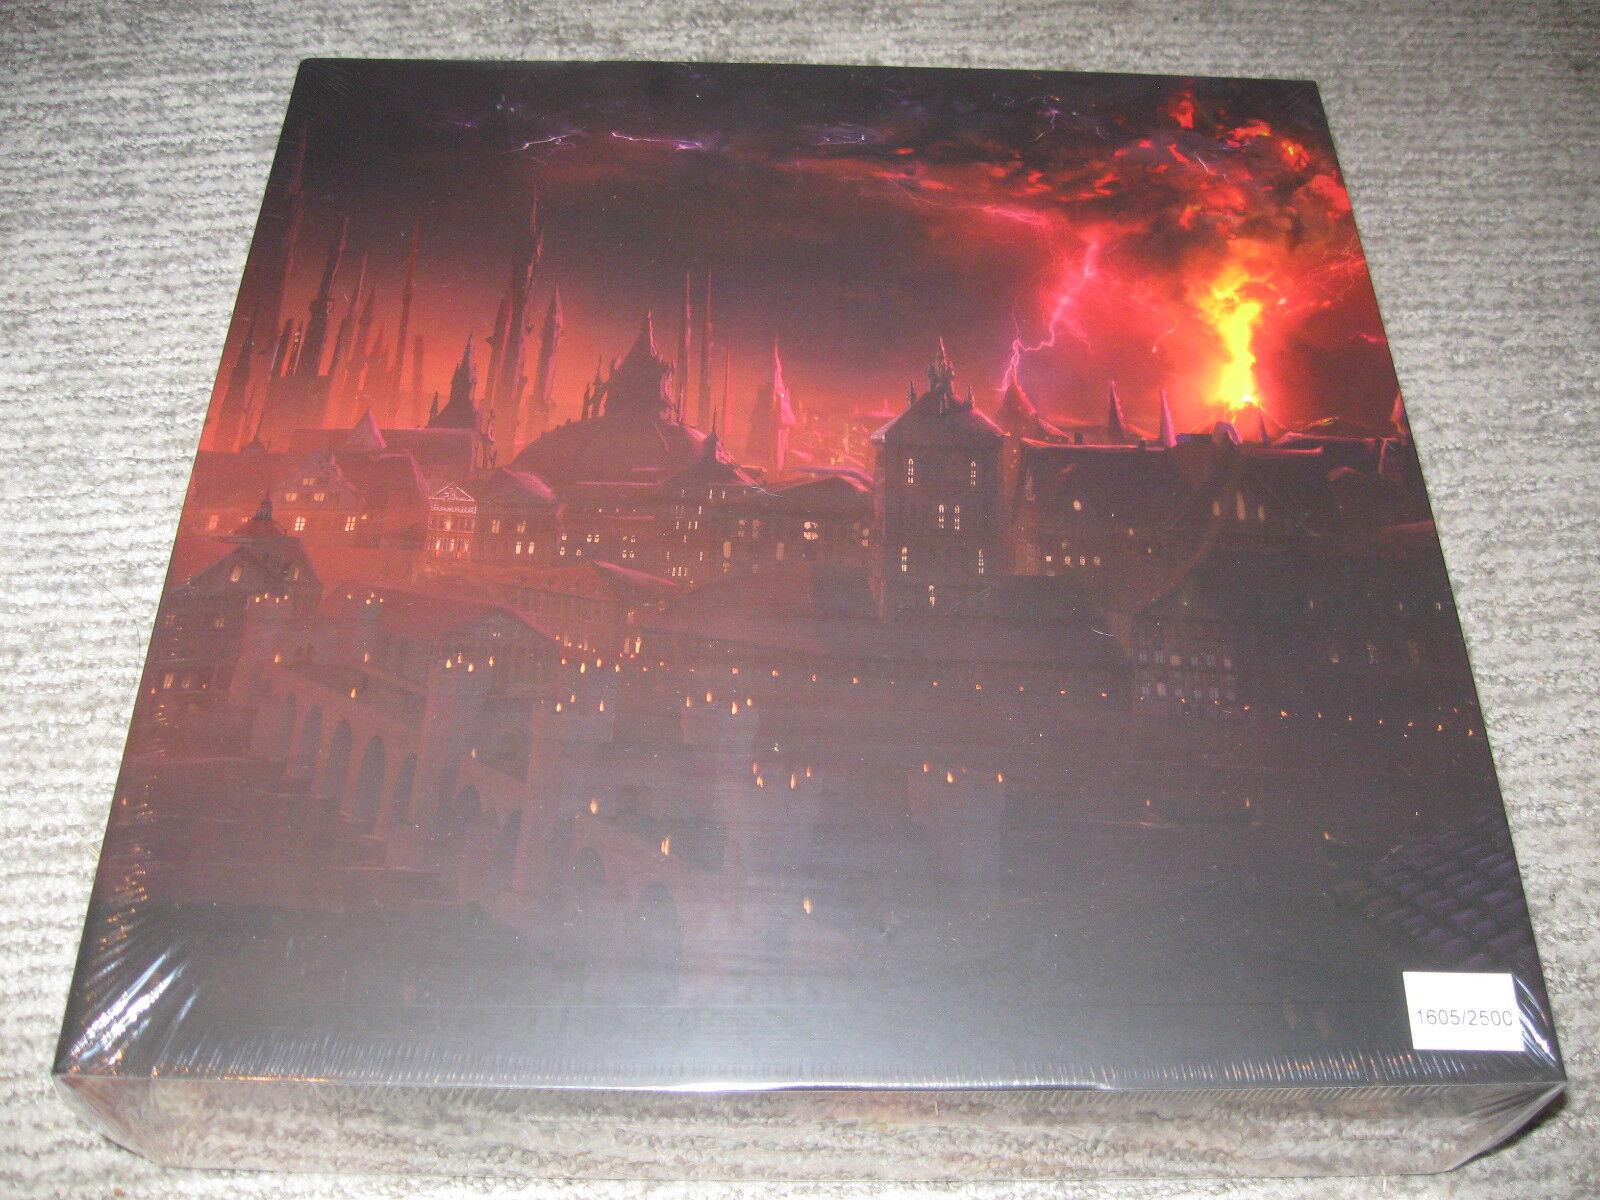 Nuevo Mistborn Edición Prestige casa de juego de mesa guerra KickEstrellater Exclusivo Caballero